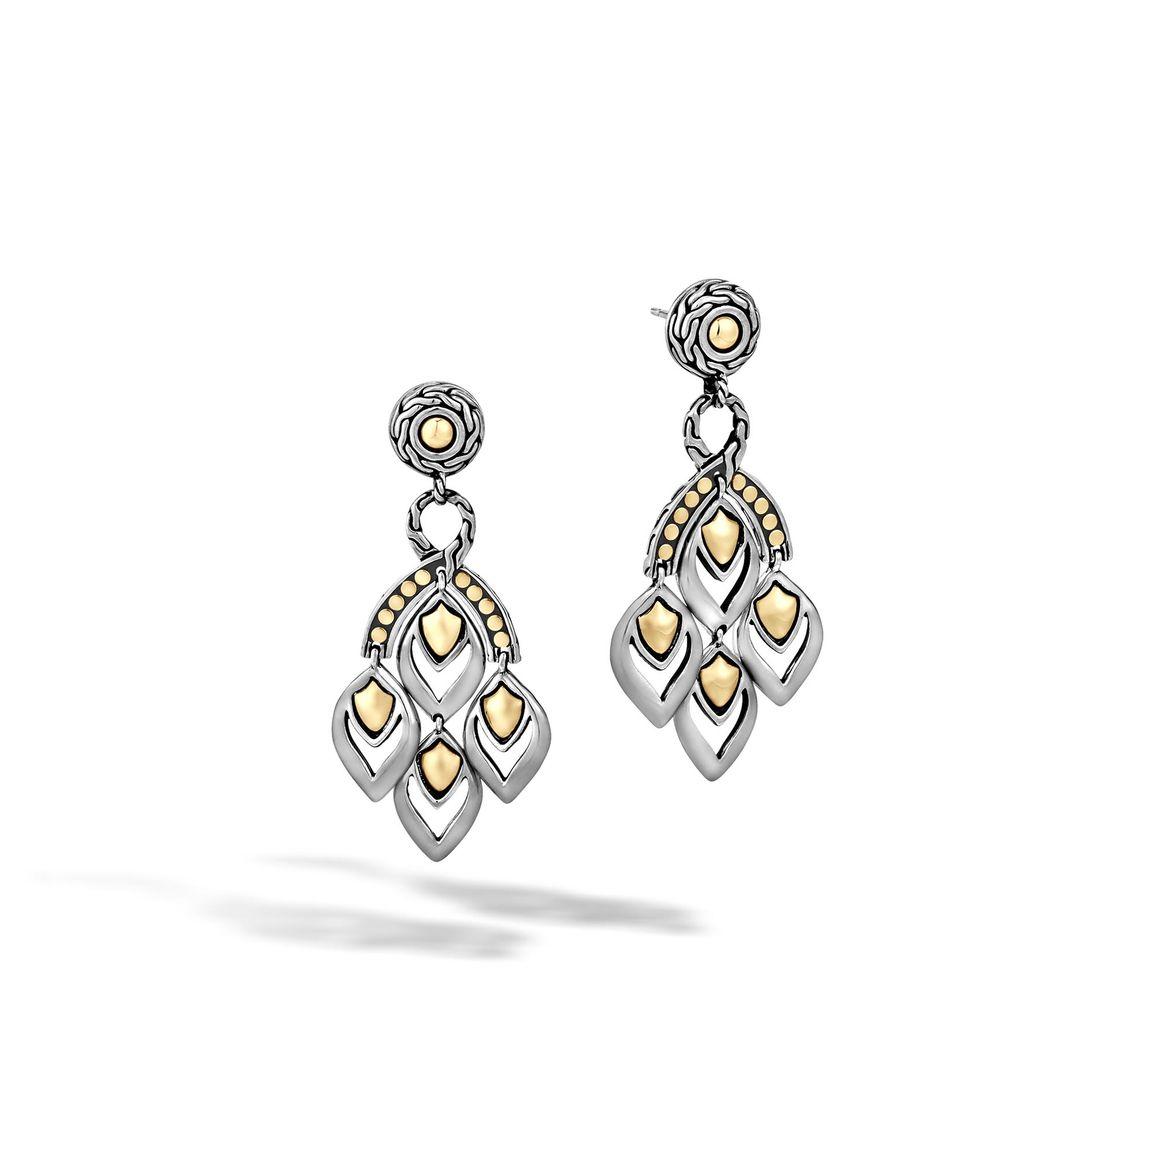 John hardy legends naga chandelier earrings in metallic lyst for John hardy jewelry earrings